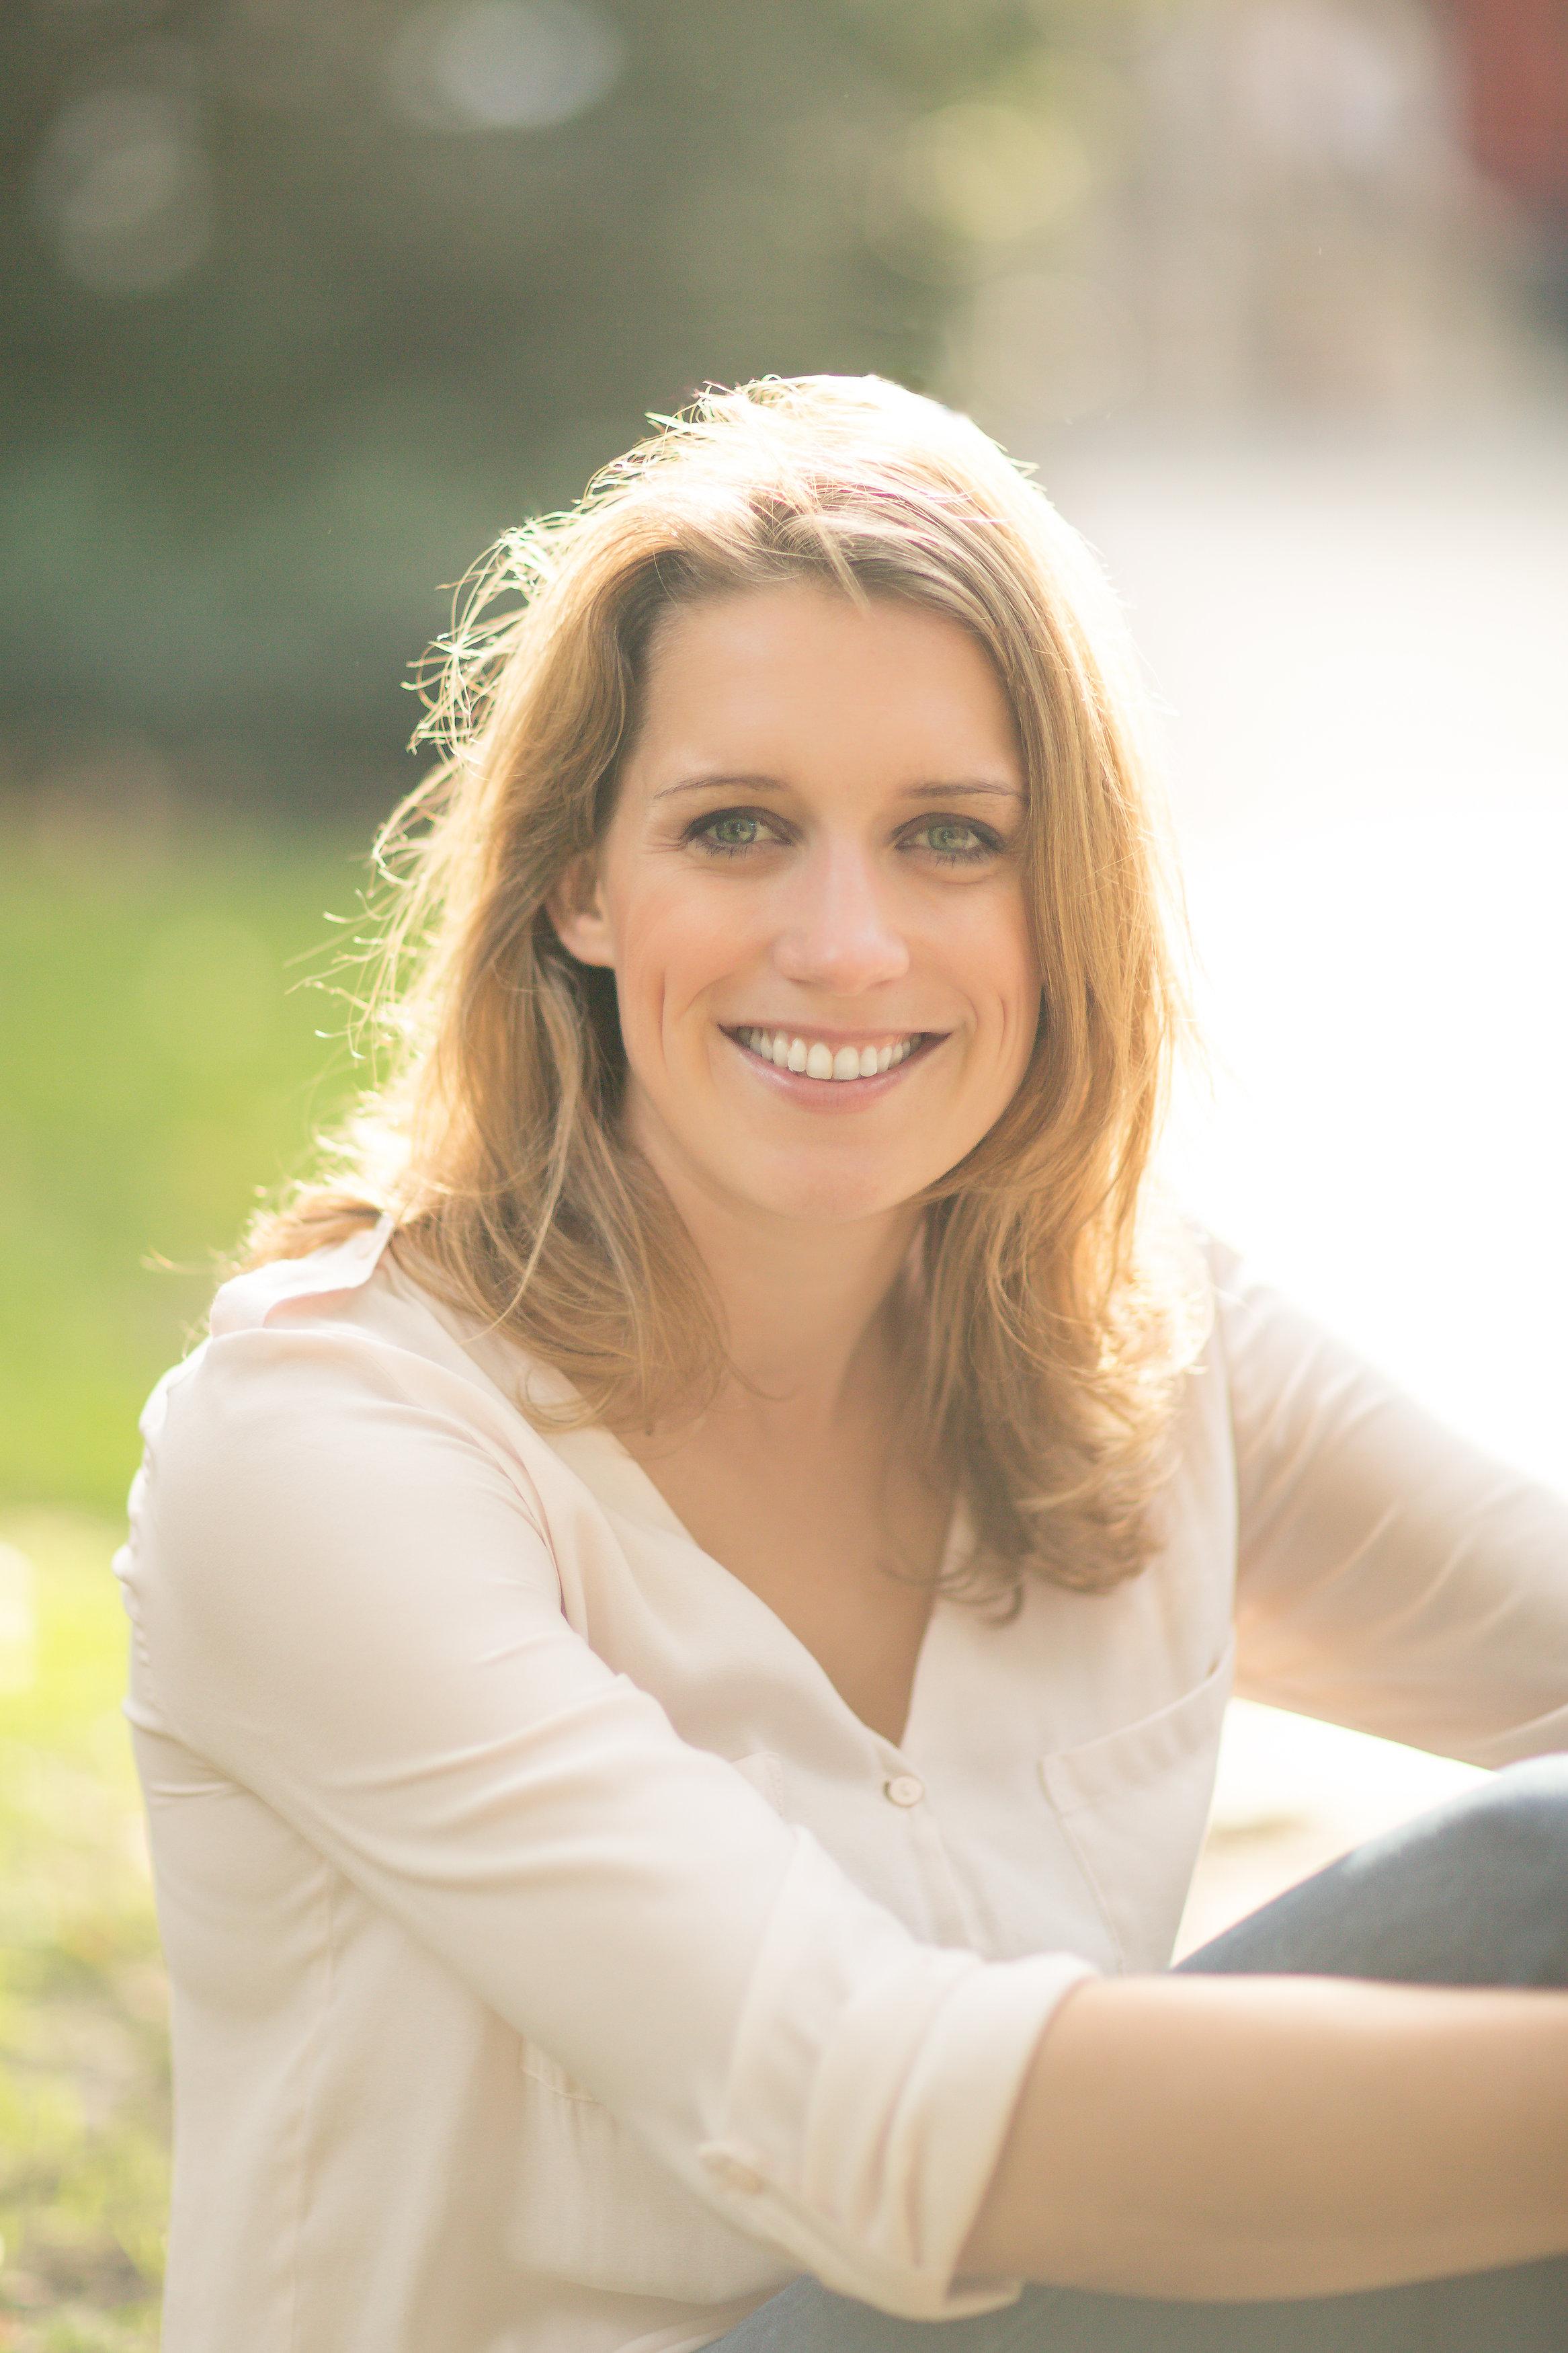 Dietitian Career Profile: Edwina Clark